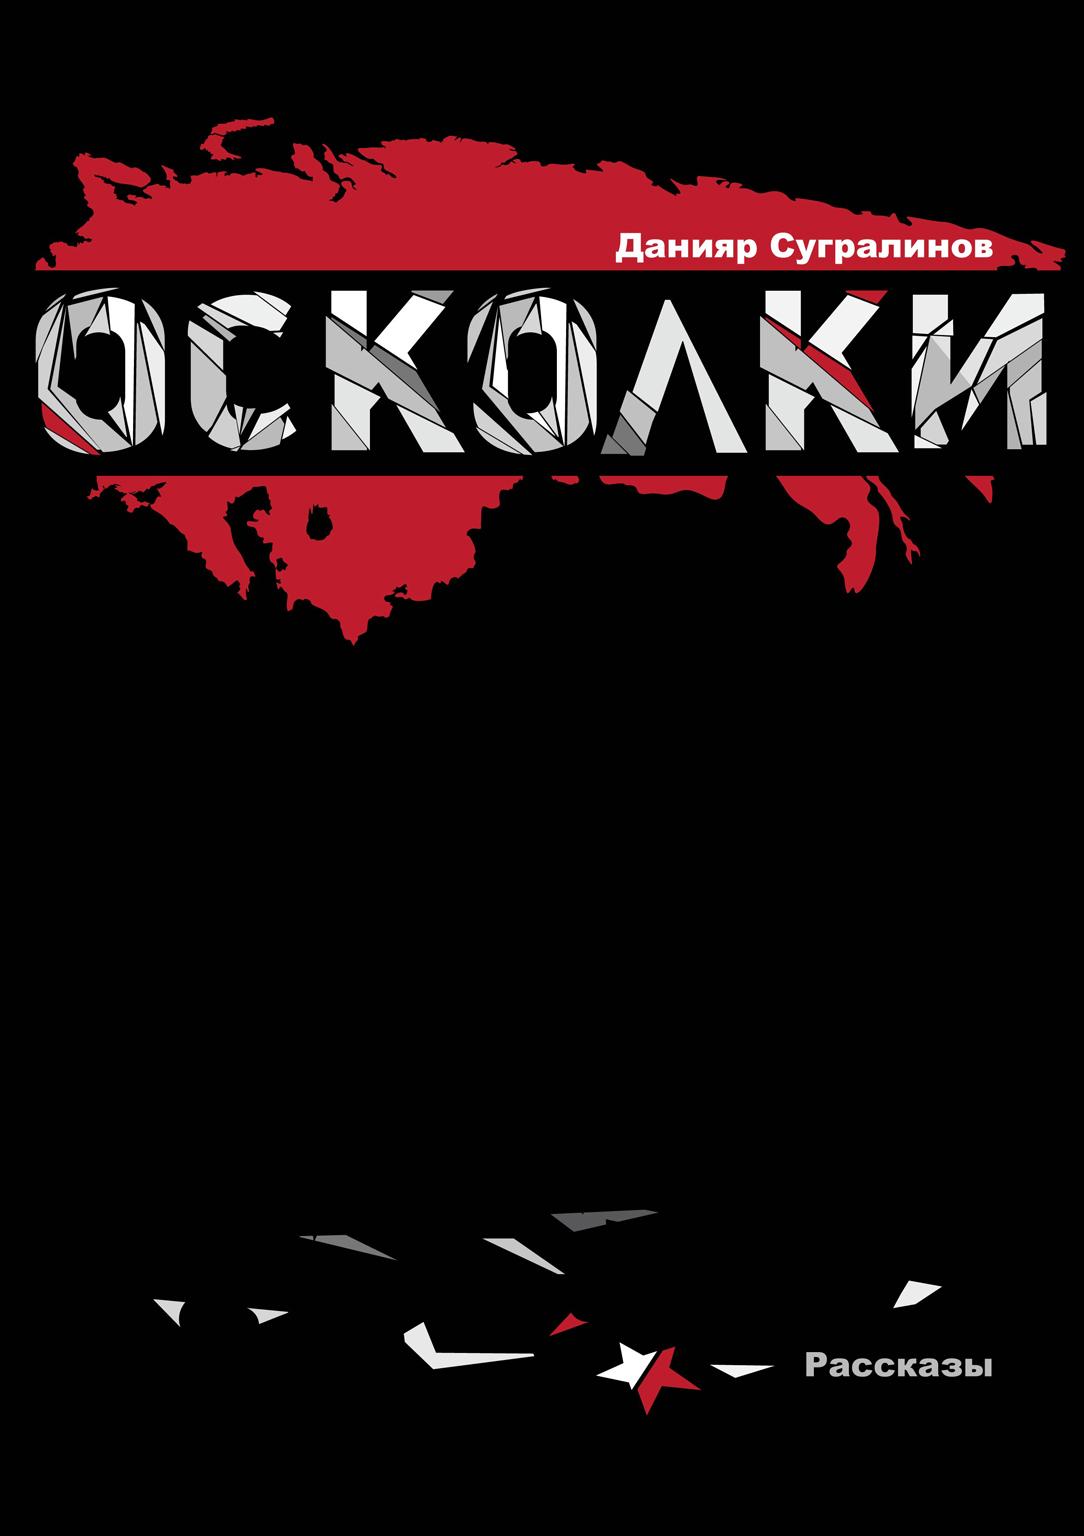 цена на Данияр Сугралинов Осколки (сборник)